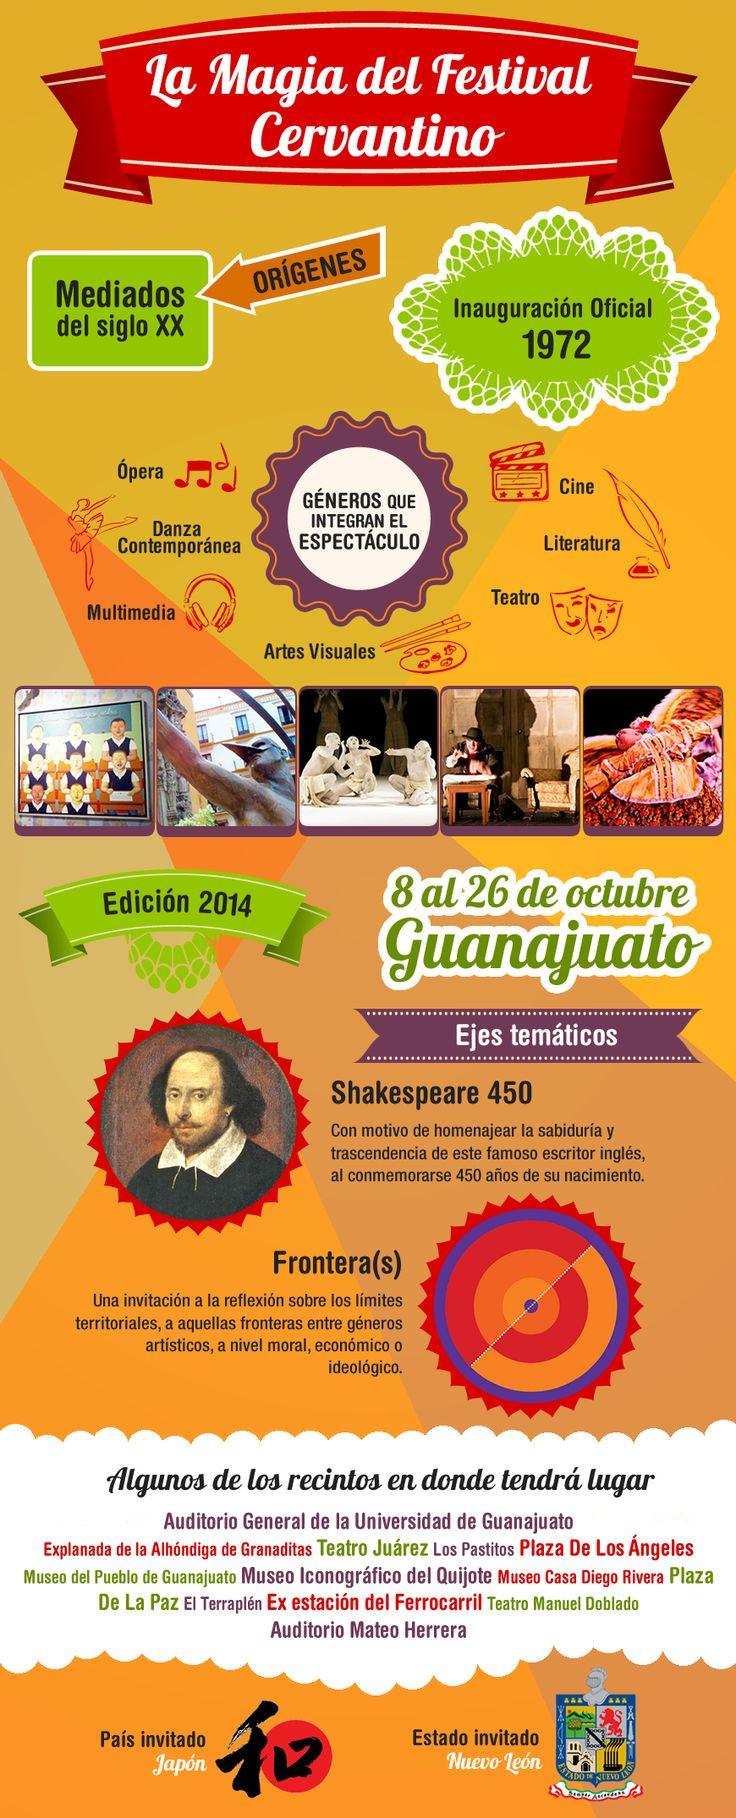 Casi 20 días entre #arte, #danza, #teatro, #opera y una exquisita variedad de #espectaculos para disfrutar, con los cinco sentidos. ¡Esto fue el #FestivalCervantino en #Guanajuato! Más info sobre este destino en: http://www.bestday.com.mx/Guanajuato/Atracciones/